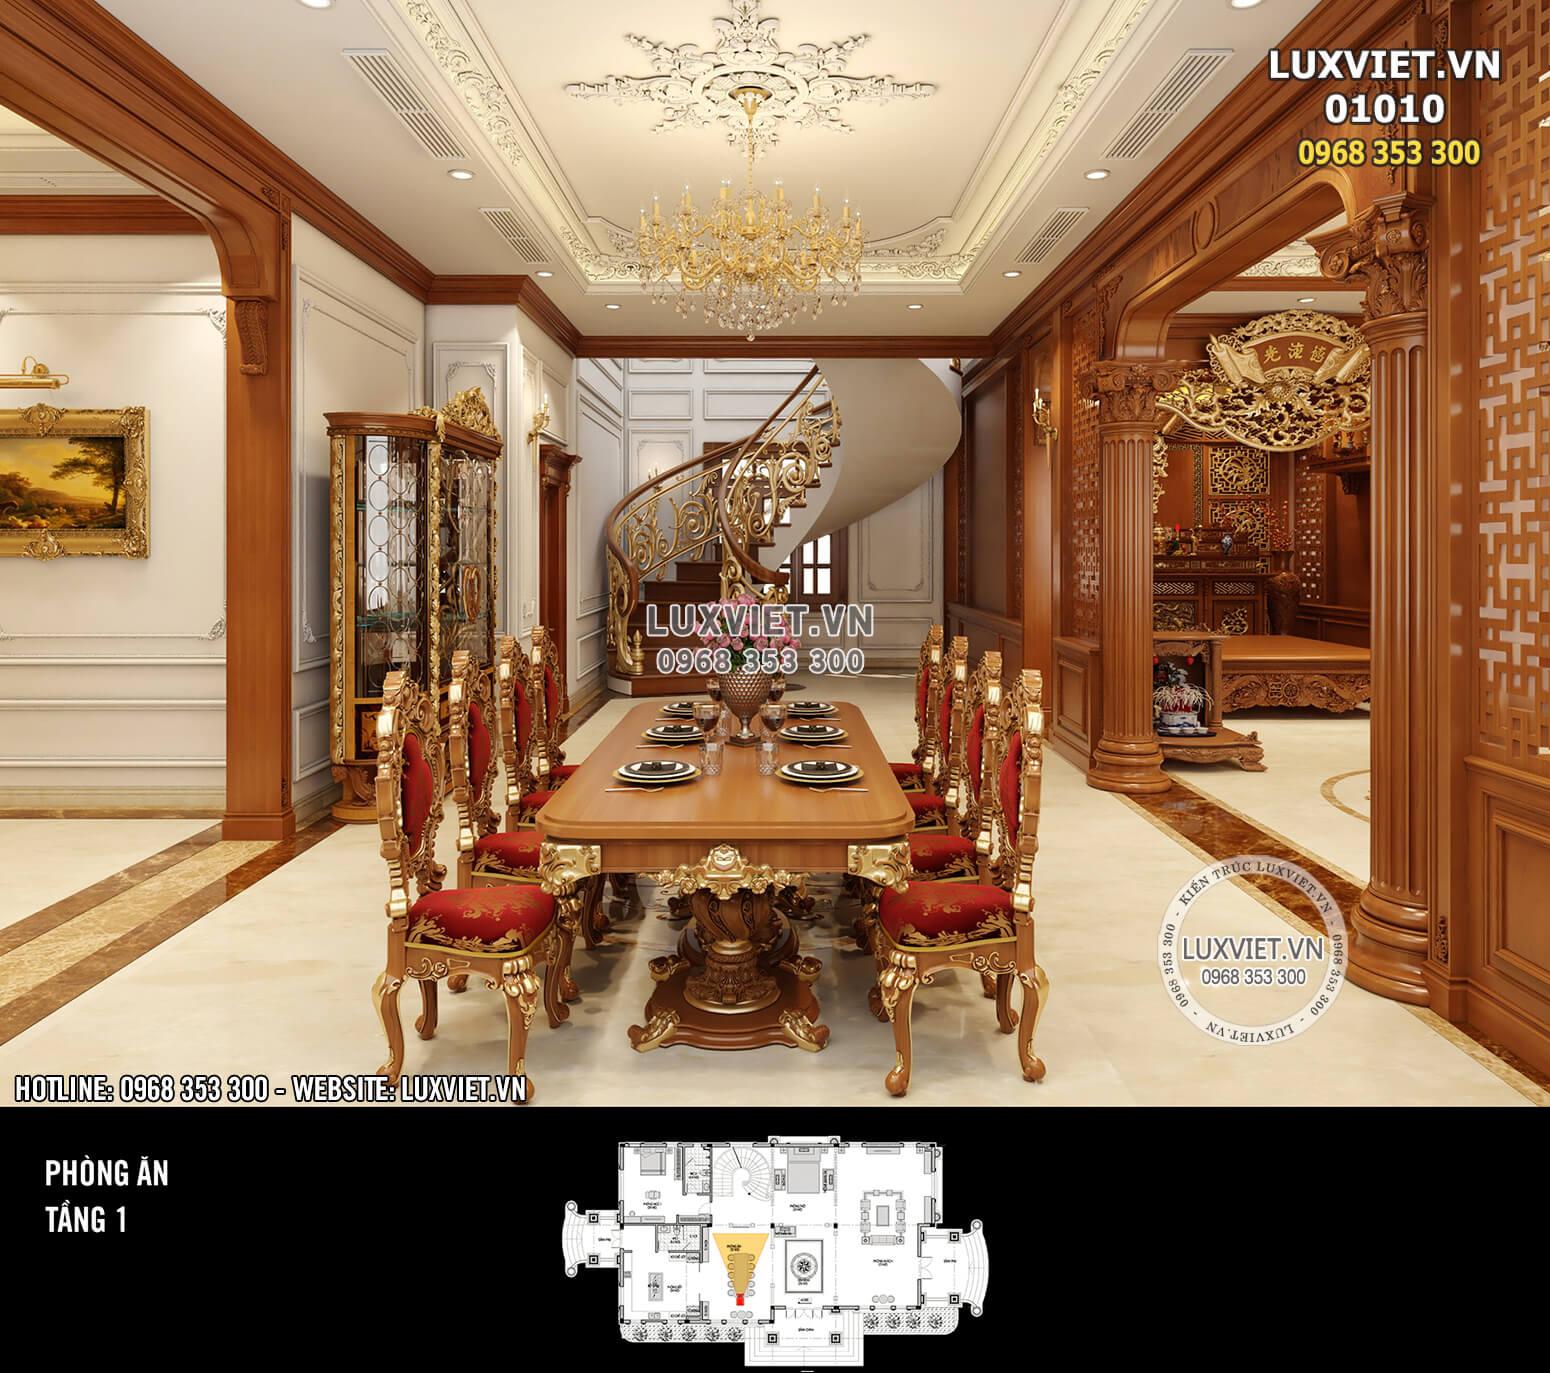 Hình ảnh: Khu vực bàn ăn rộng rãi cho đại gia đình - LV 01010